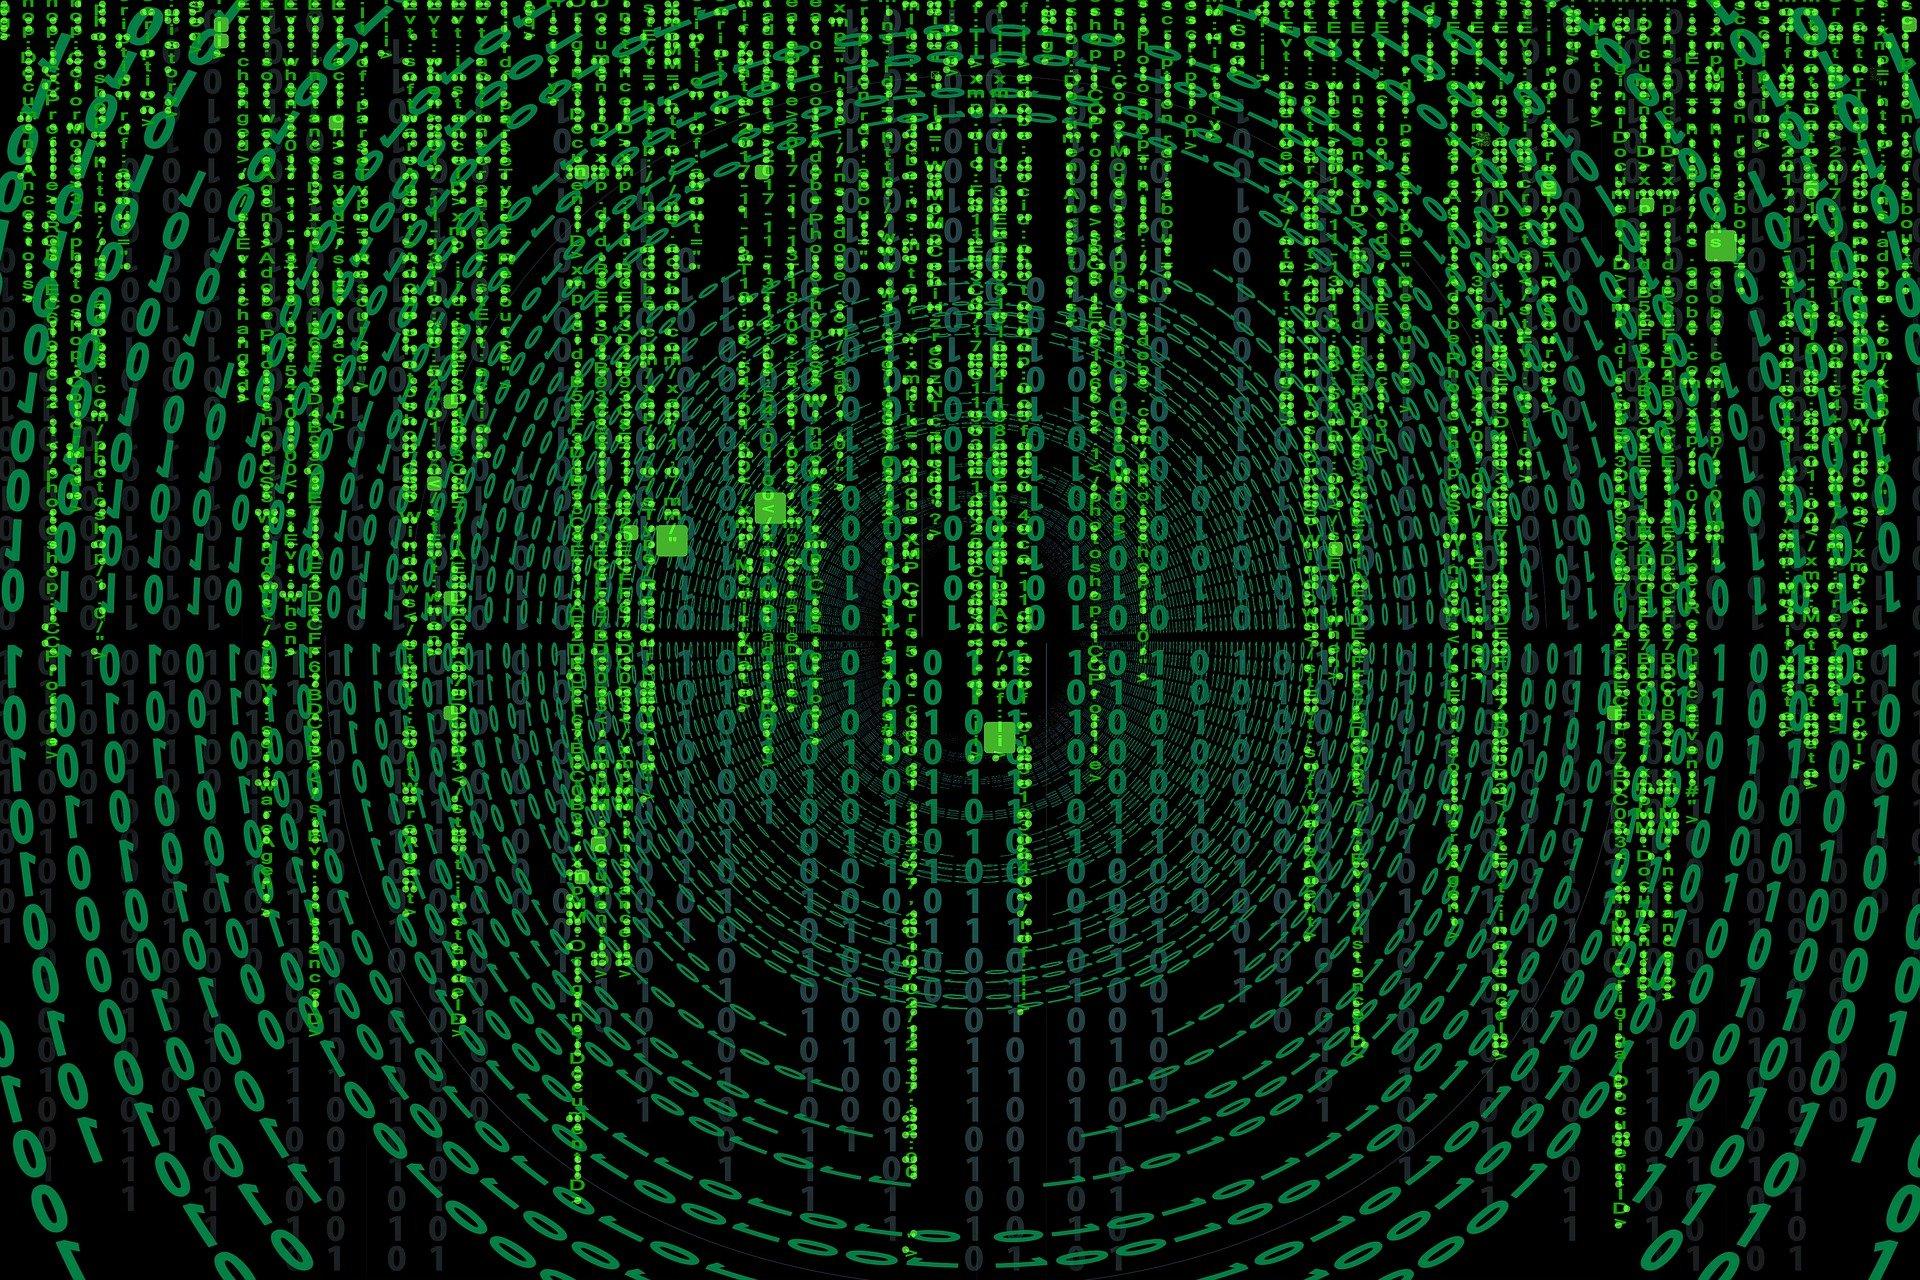 تقرير وطني يستعرض أهم الاتجاهات للاستفادة من فرص التحول الرقمي